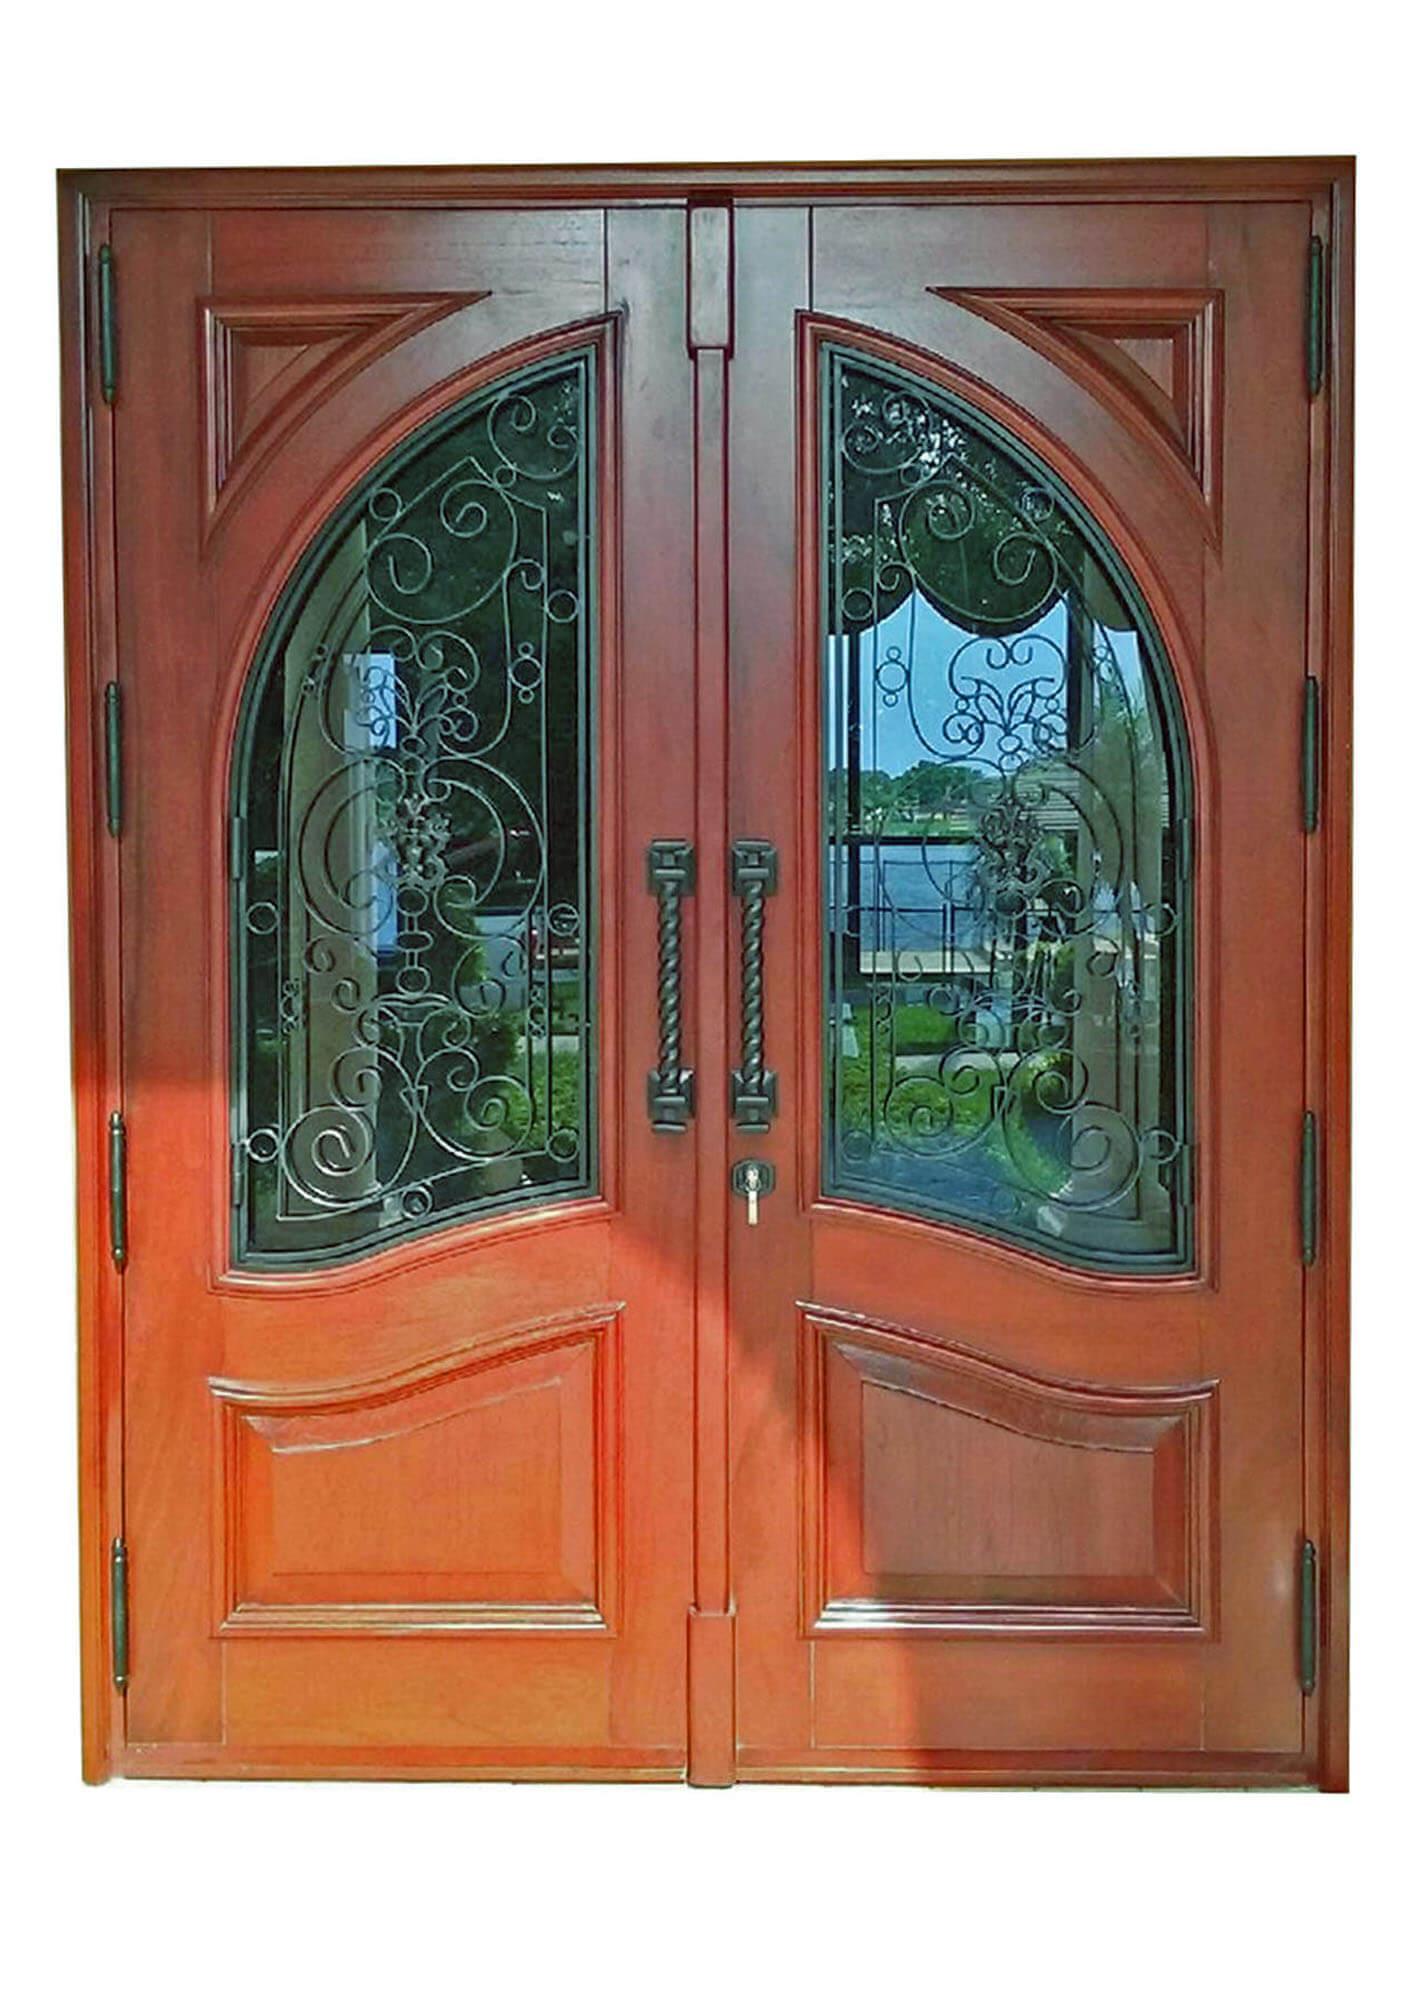 NEWPORT MAHOGANY FRONT DOORS.